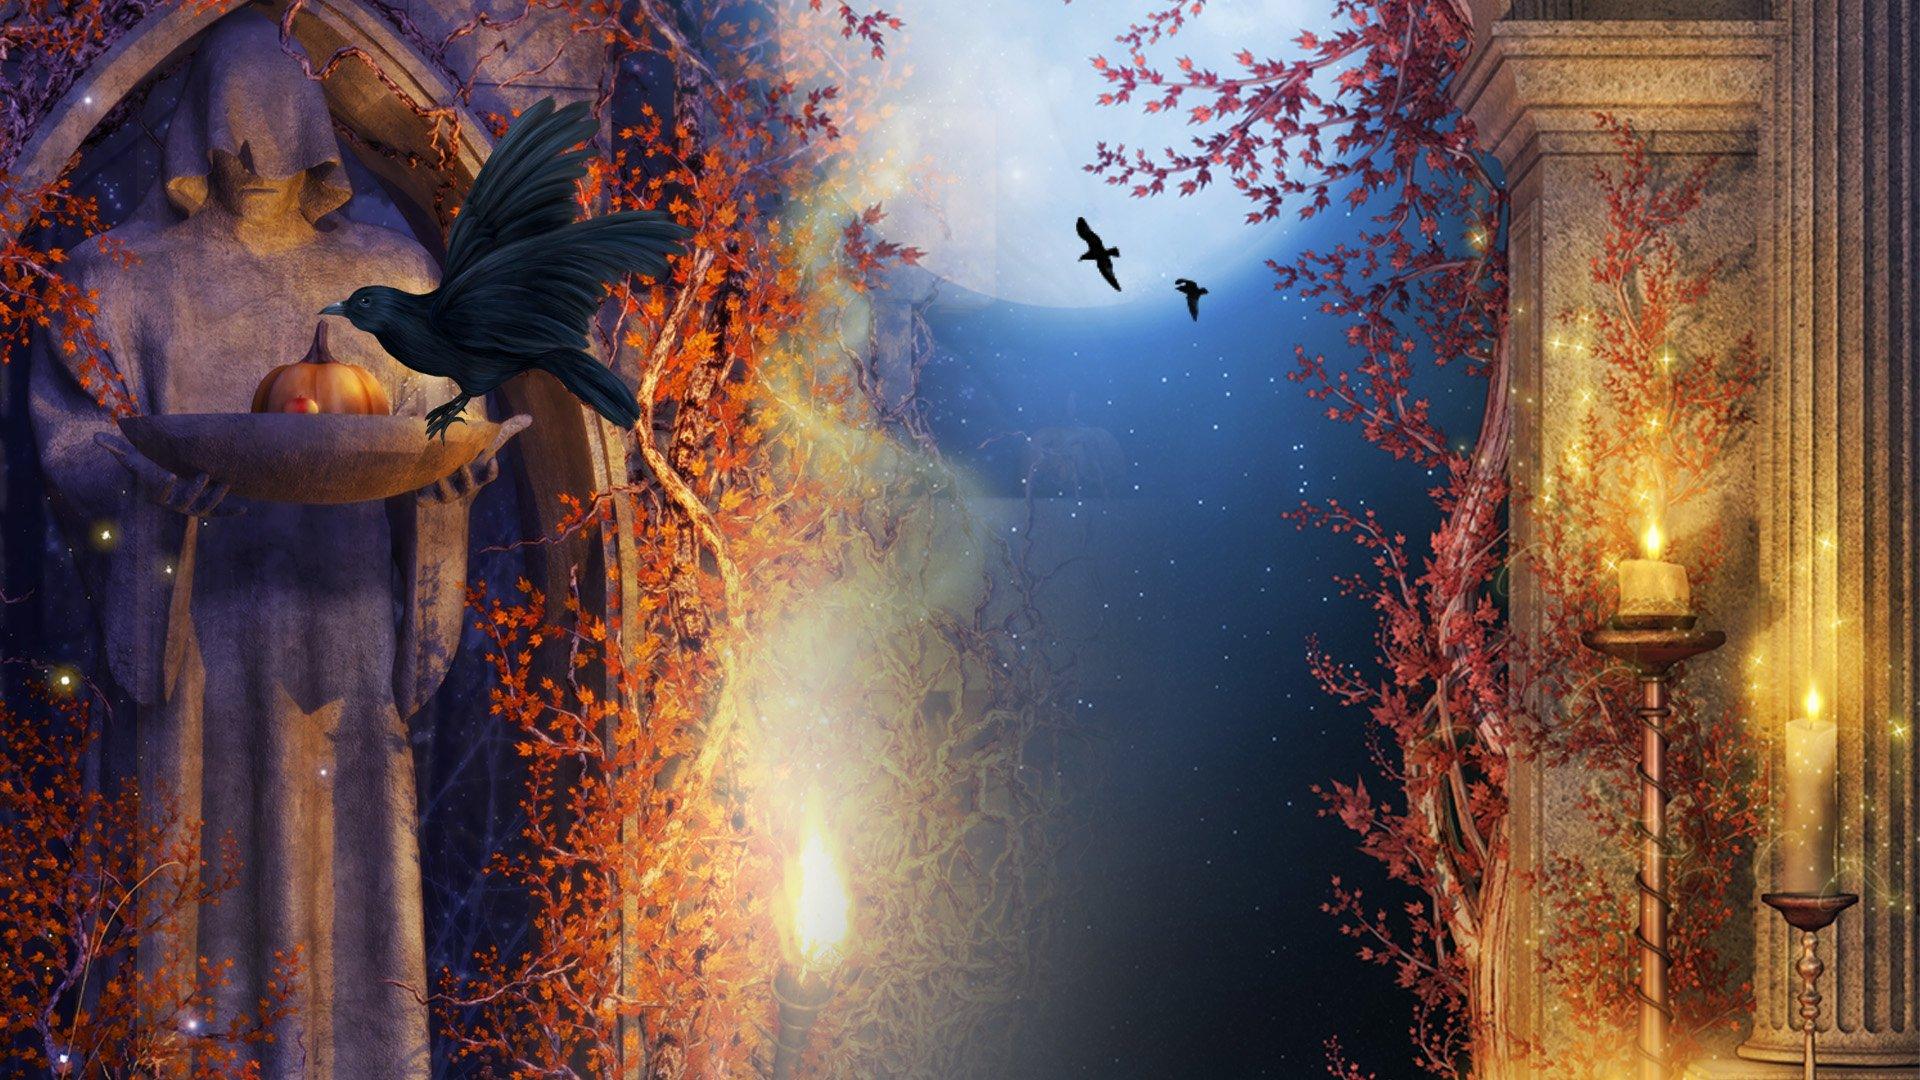 Fall Pumpkin Wallpaper Hd Gothic Halloween Hd Wallpaper Background Image